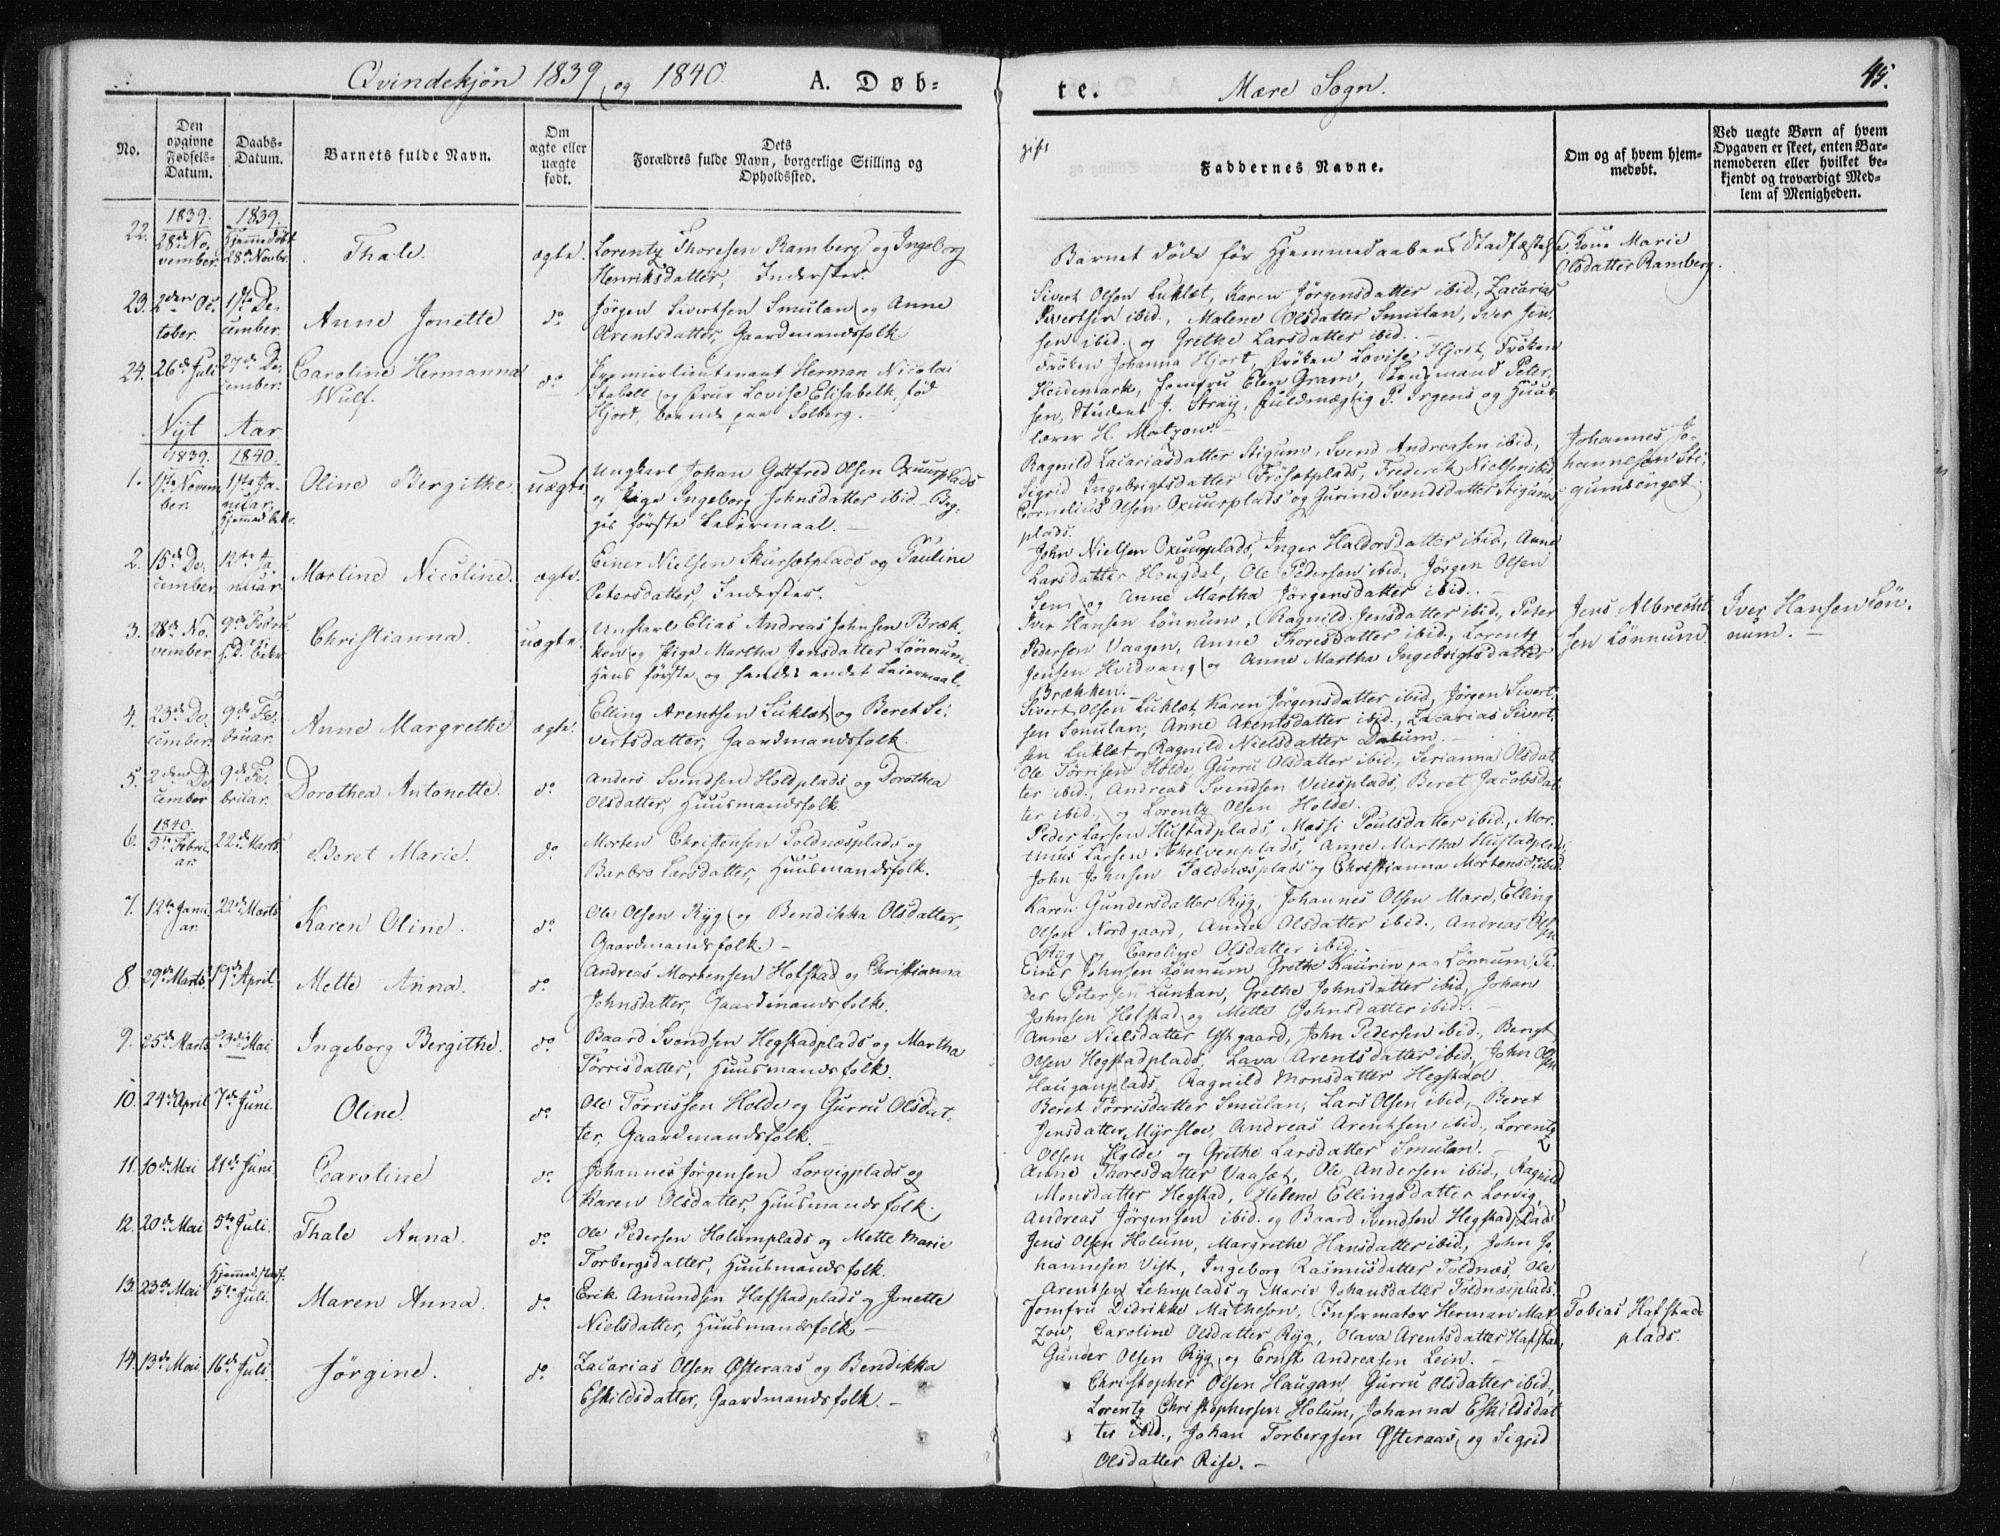 SAT, Ministerialprotokoller, klokkerbøker og fødselsregistre - Nord-Trøndelag, 735/L0339: Ministerialbok nr. 735A06 /1, 1836-1848, s. 45